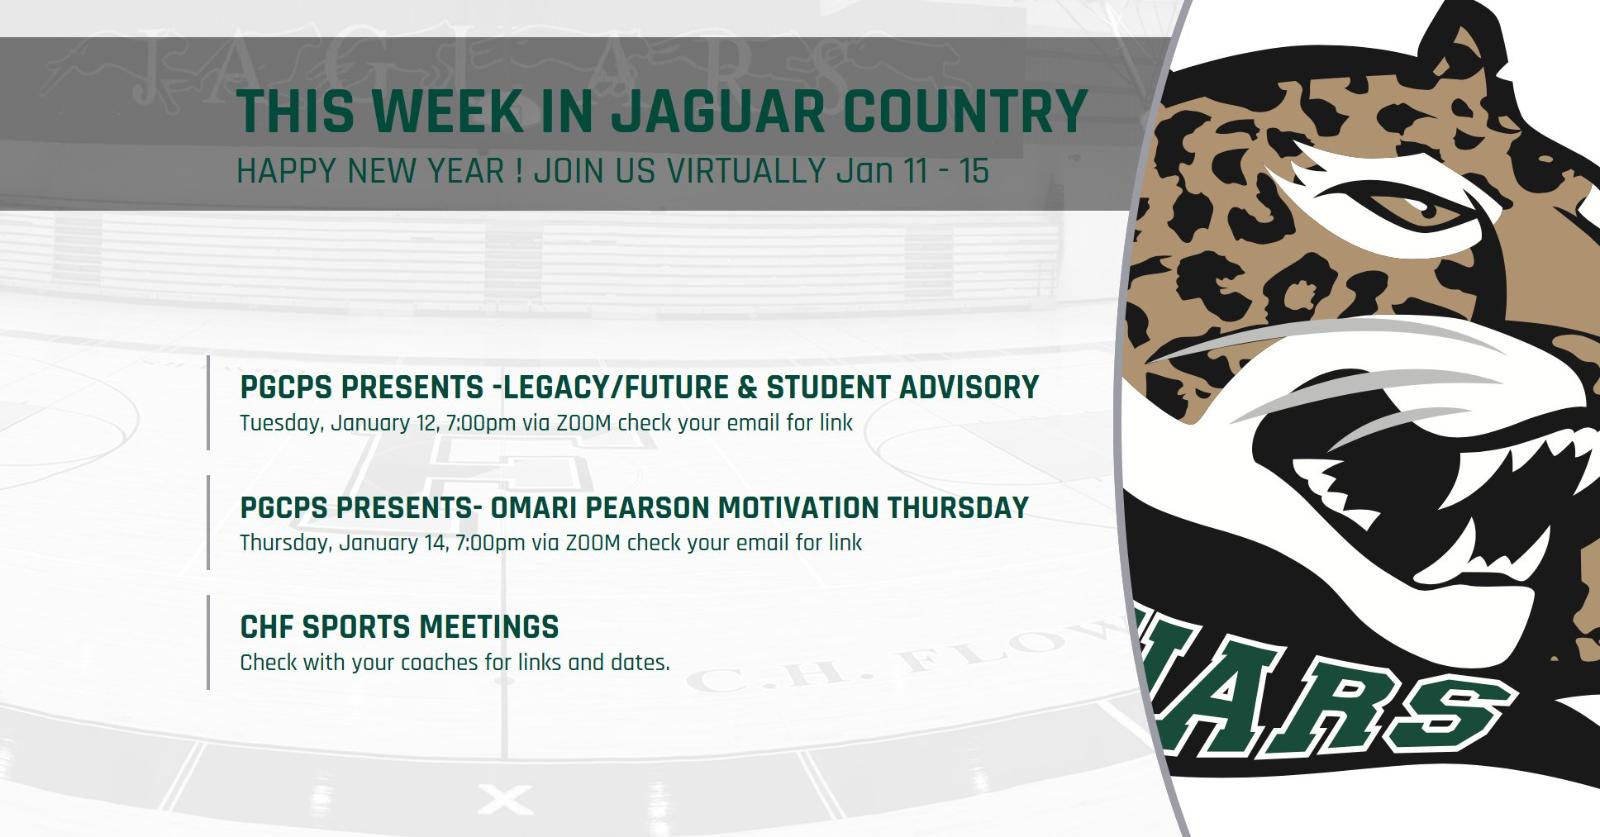 This Week in Jaguar Country